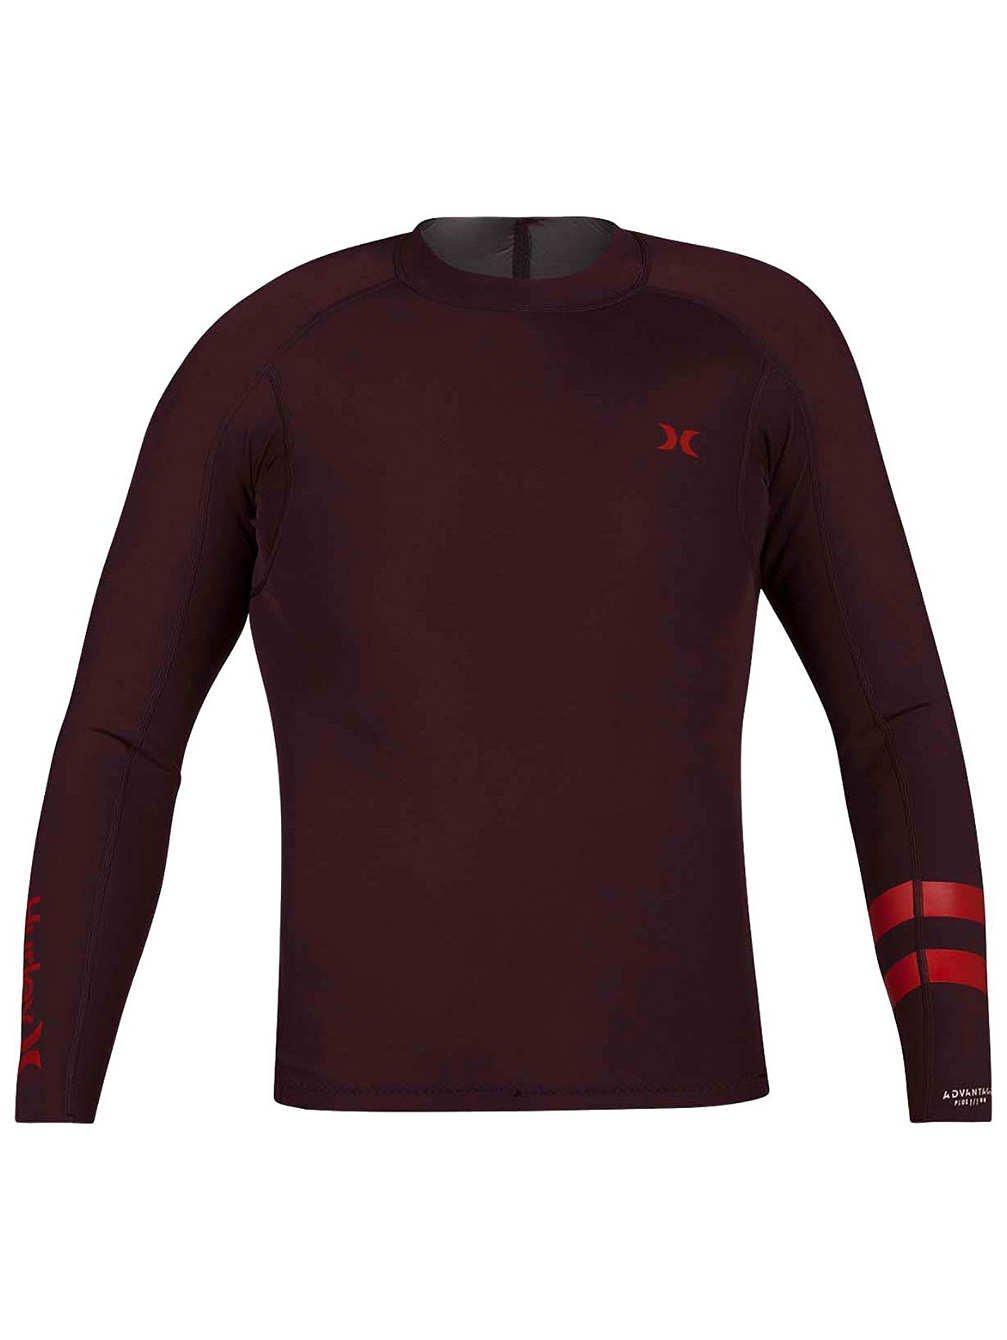 Гидрокостюм HURLEY HURLEY-890920, черный куртка мужская reebok od dwnlk jckt цвет черный d78631 размер m 50